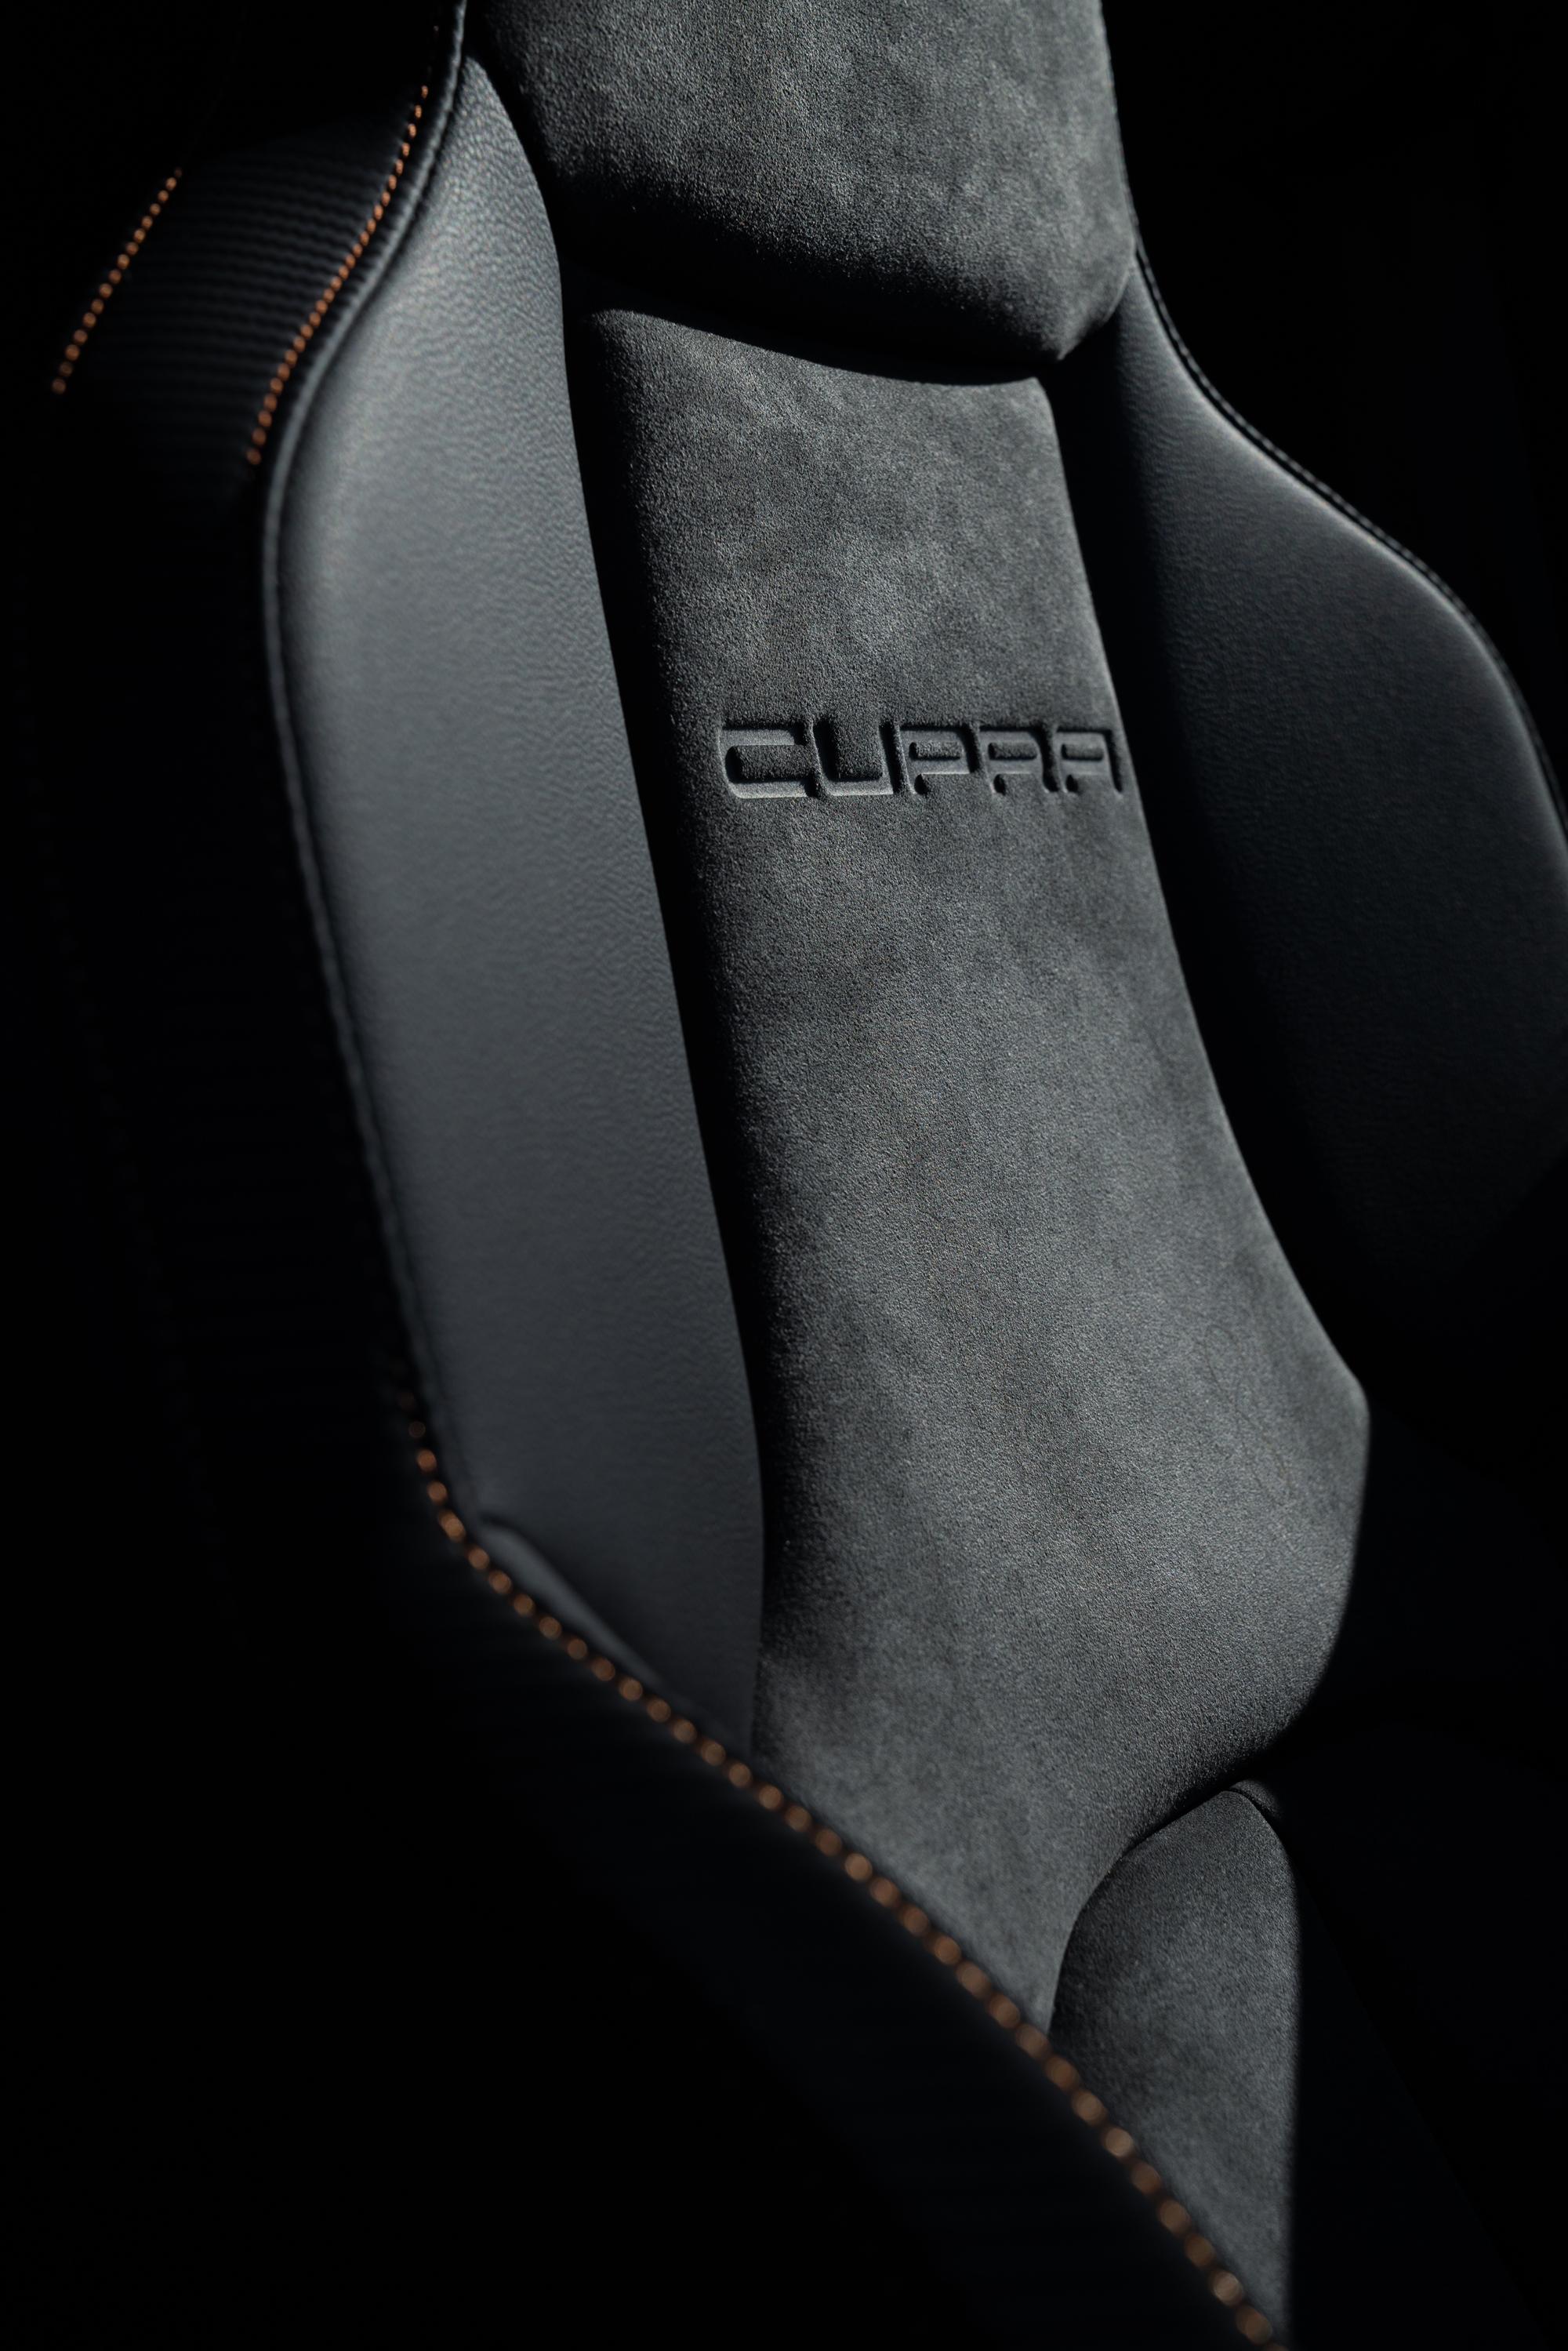 der neue seat leon cupra r st kombi nachgesch rft gas. Black Bedroom Furniture Sets. Home Design Ideas